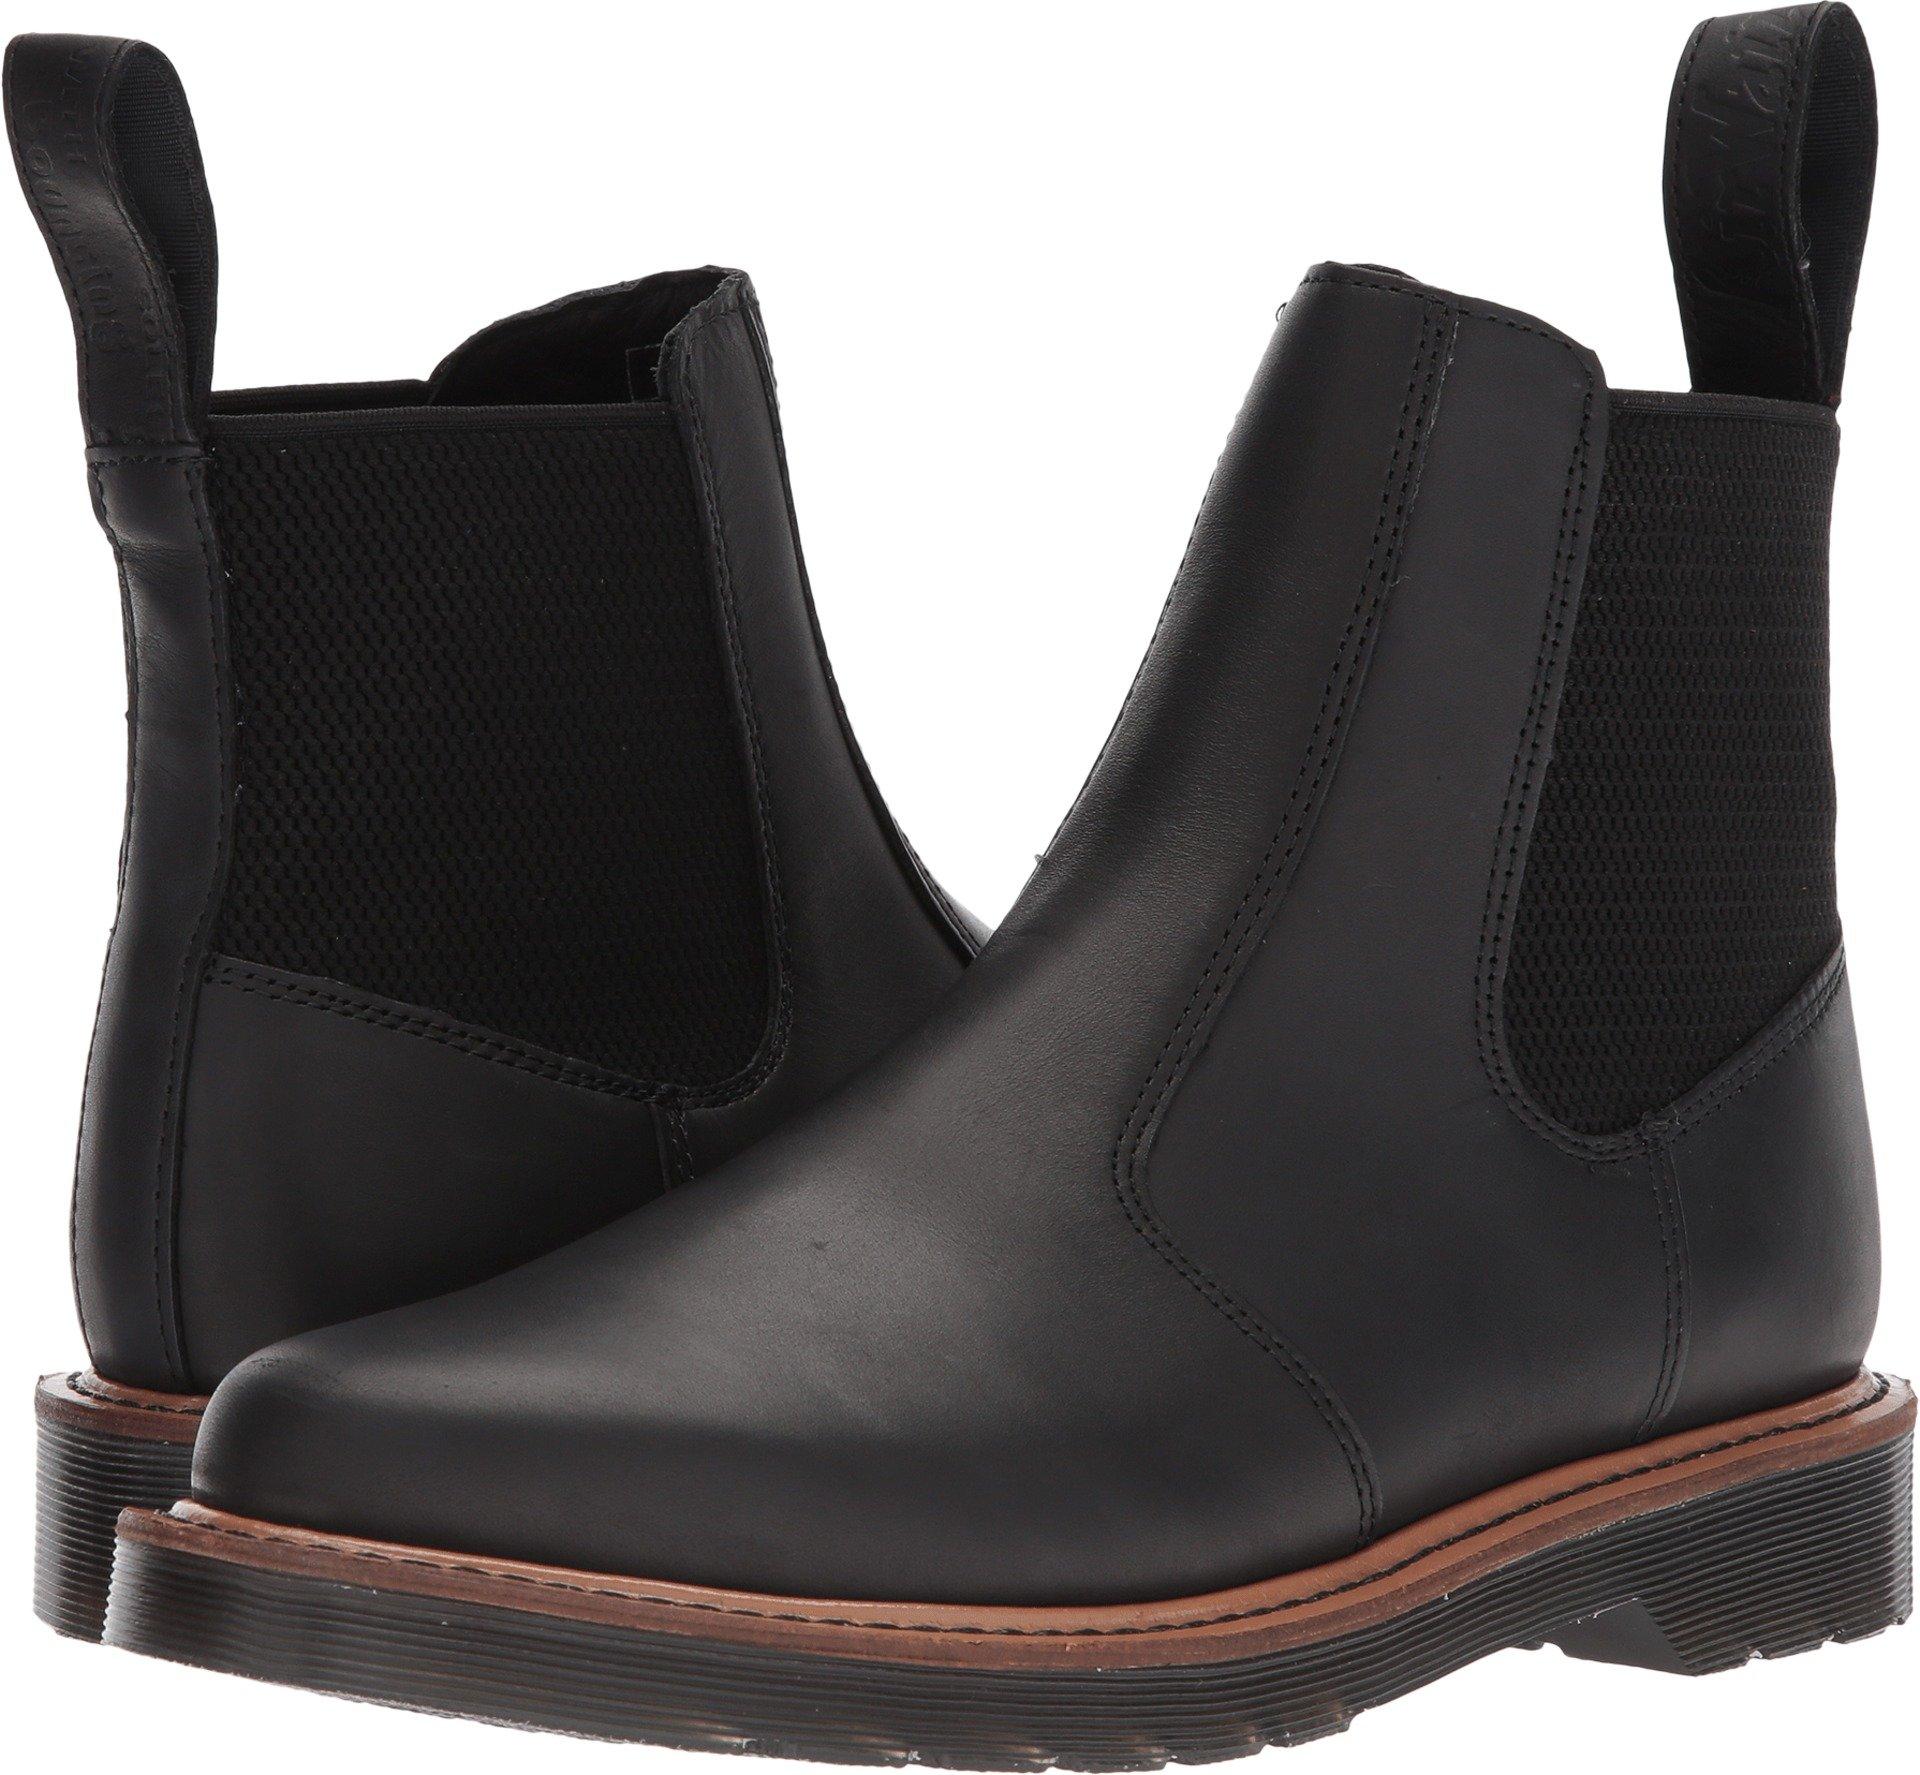 Dr. Martens Men's Hardy Chelsea Boot, Black, 10 Medium UK (11 US) by Dr. Martens